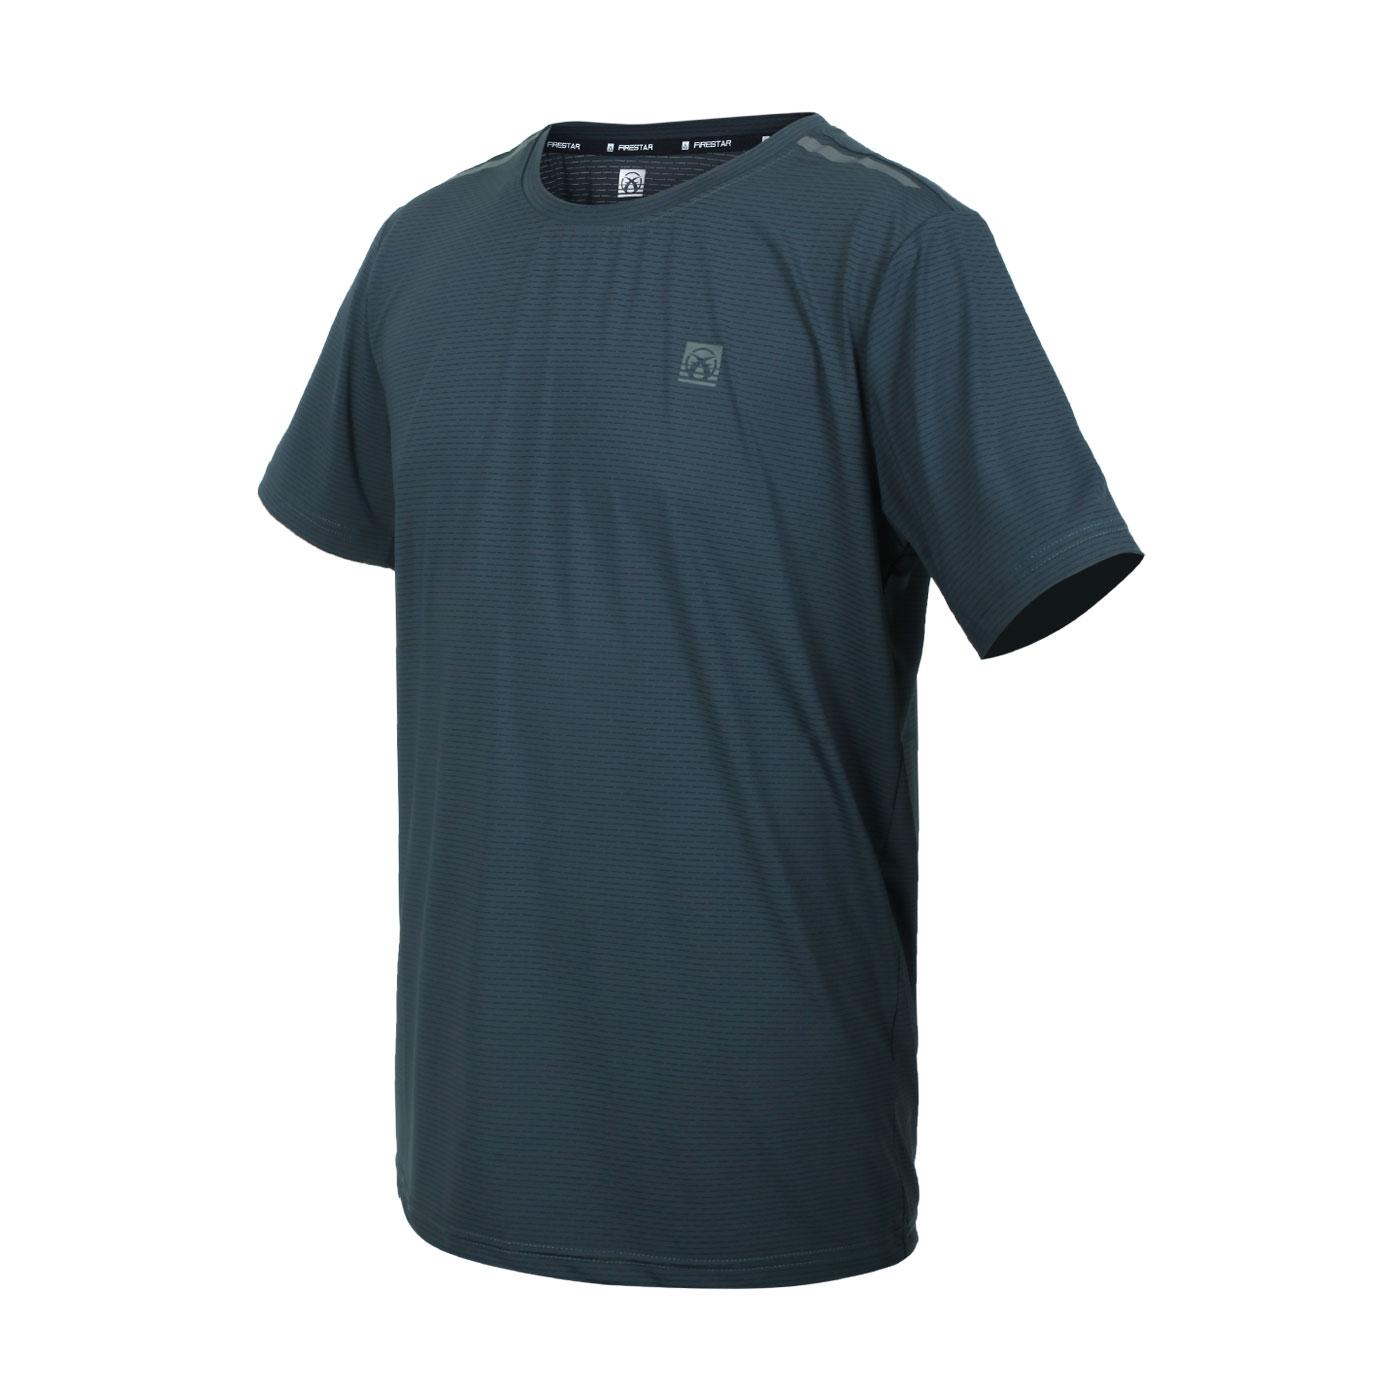 FIRESTAR 男款彈性機能圓領短袖T恤 D1732-16